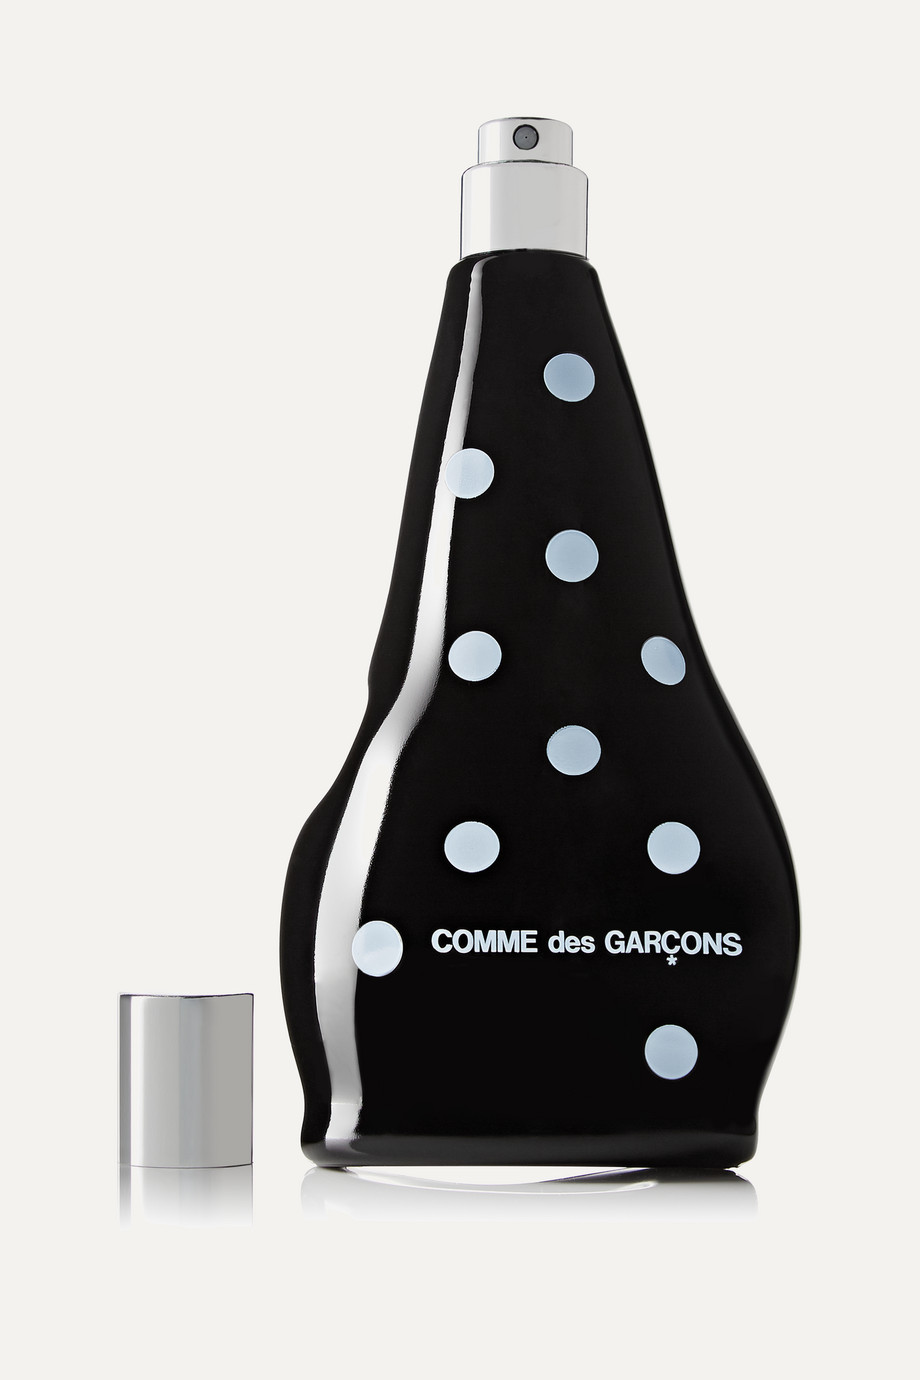 Comme des Garcons Parfums Eau de Parfum - Comme des Garçons Dot, 100ml